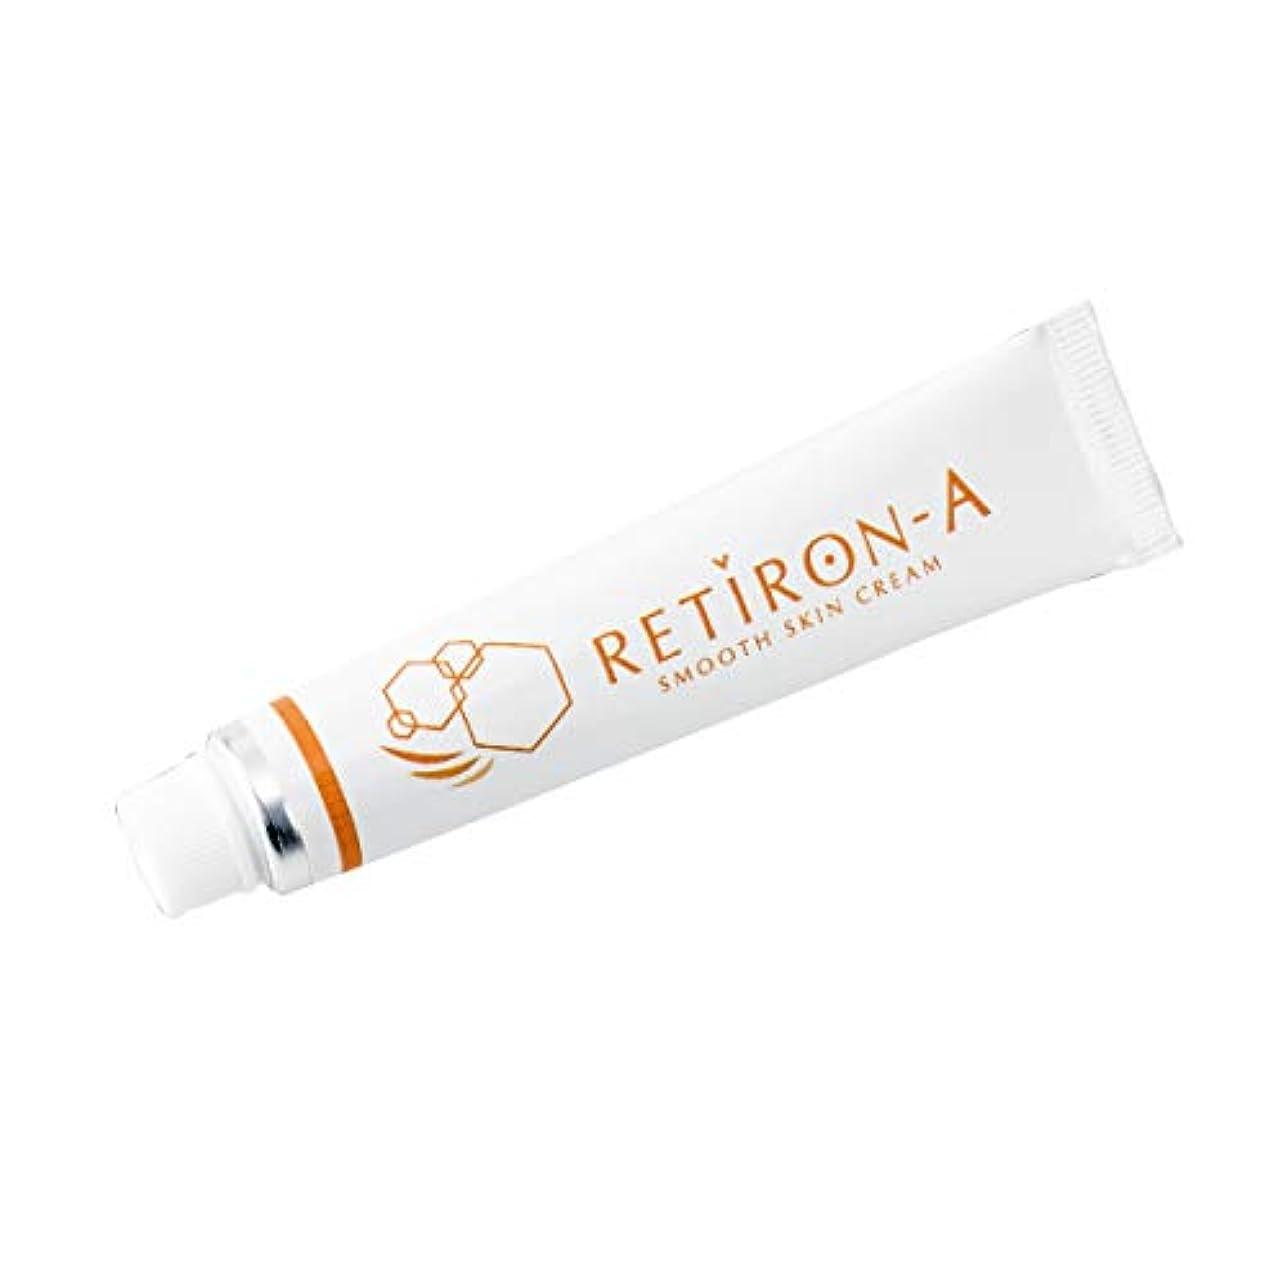 水平暴露防水クリーム 化粧品 レチノール配合 レチロンA パラベンフリー